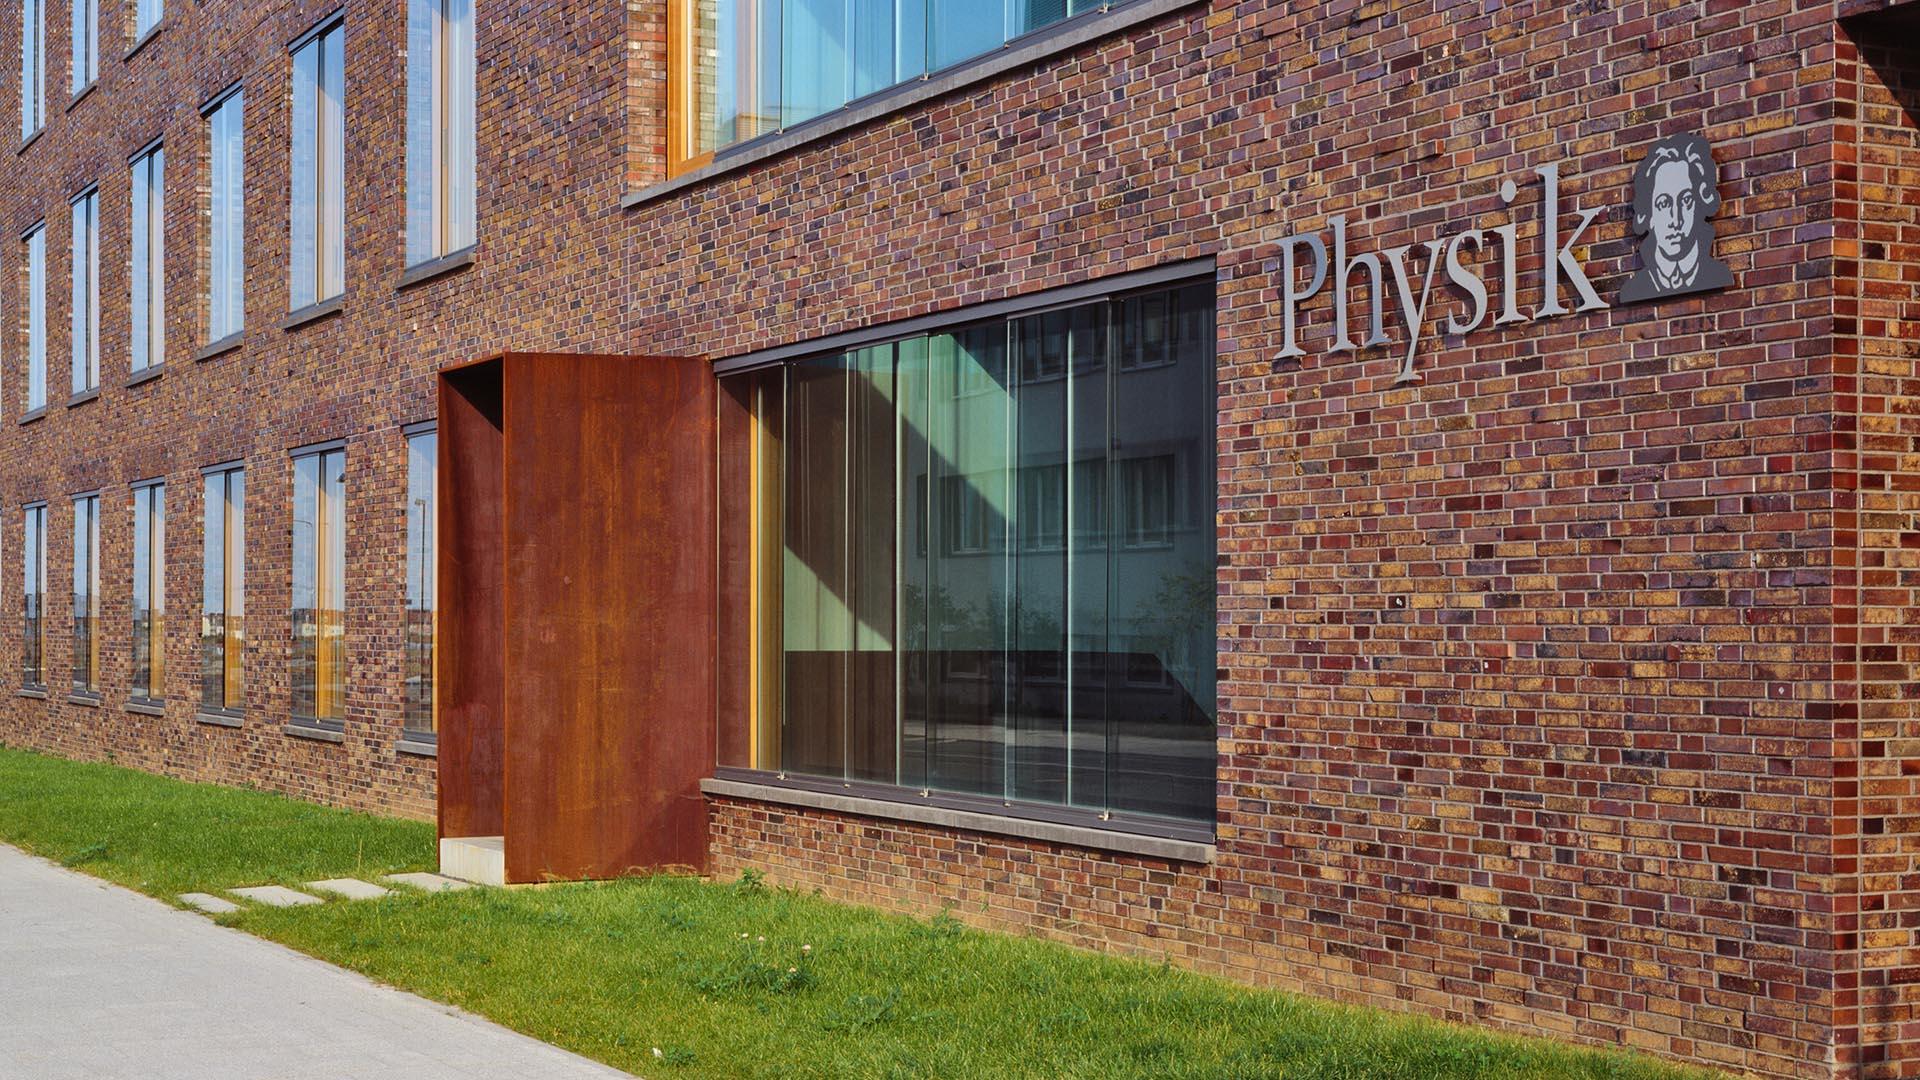 Physikalisches Institut Frankfurt 5 - ArGe Architekten